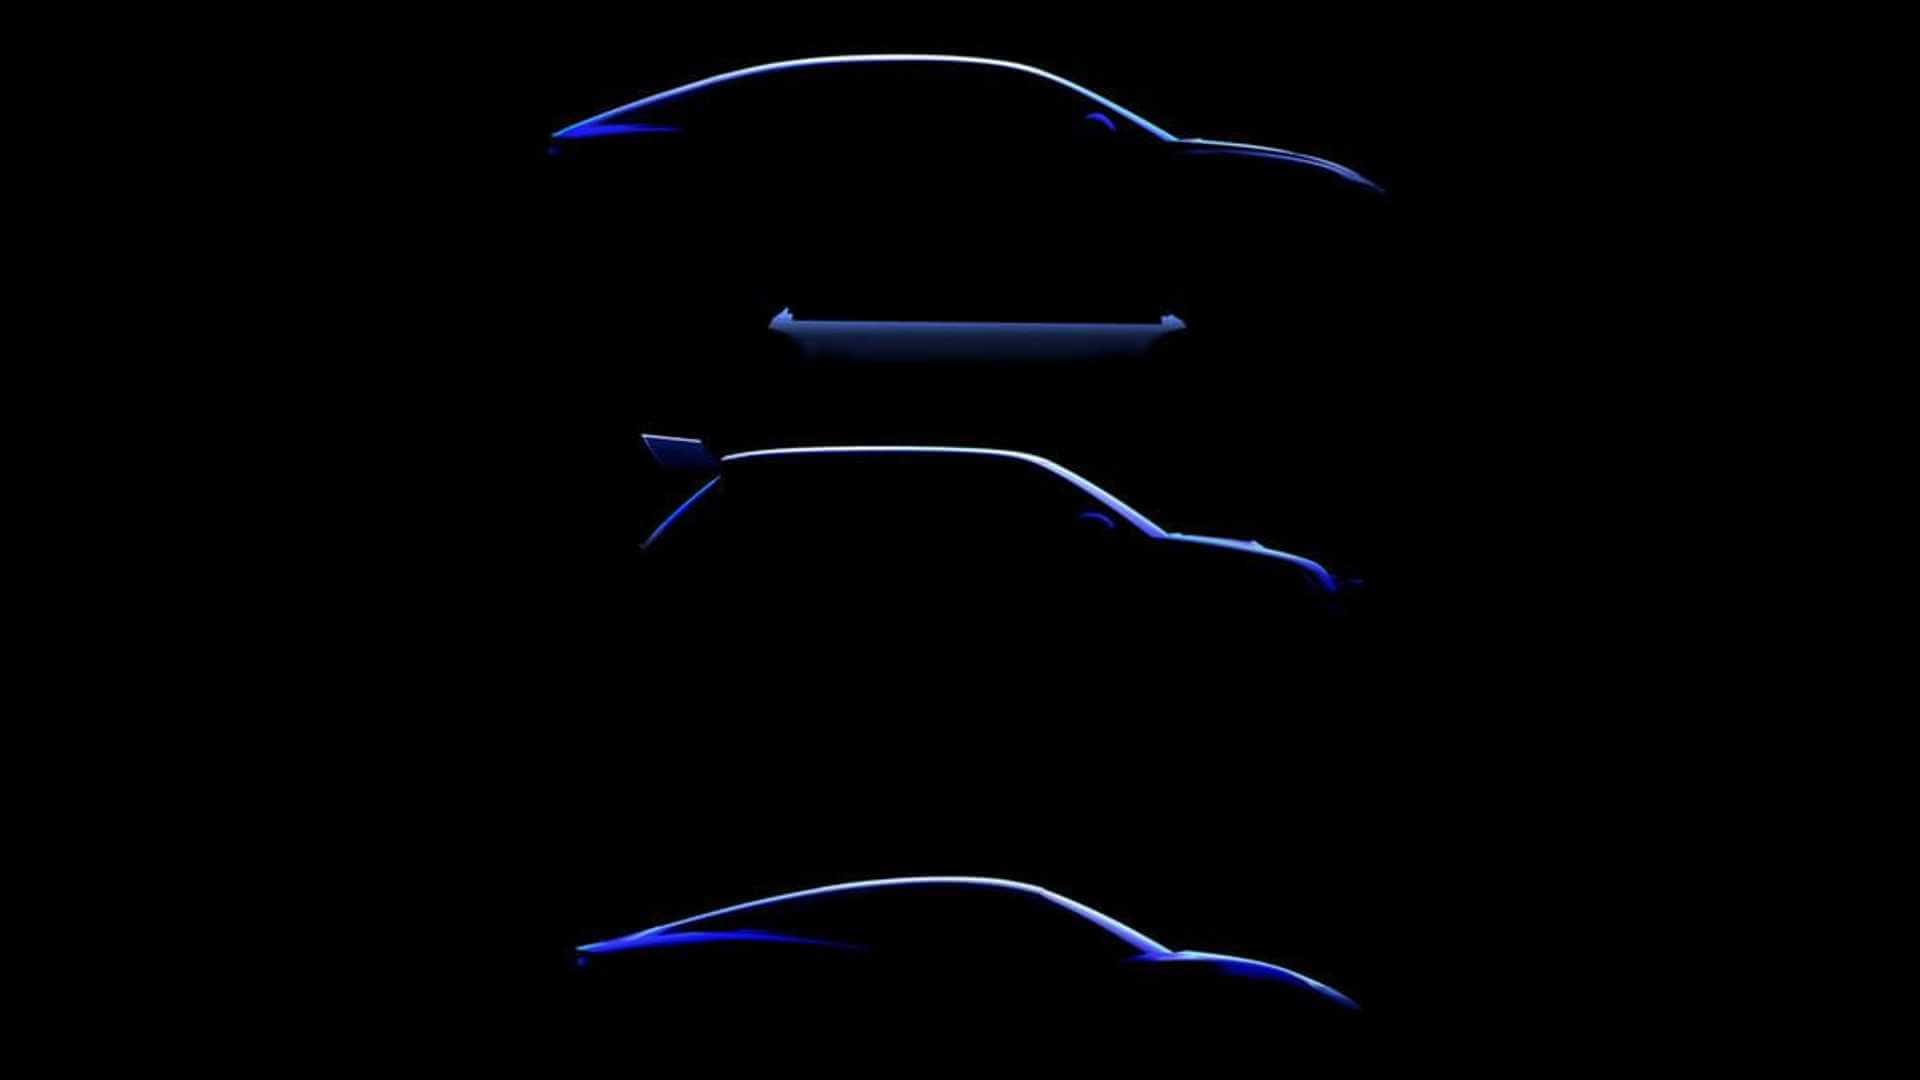 Alpine готовит три высокопроизводительных электромобиля